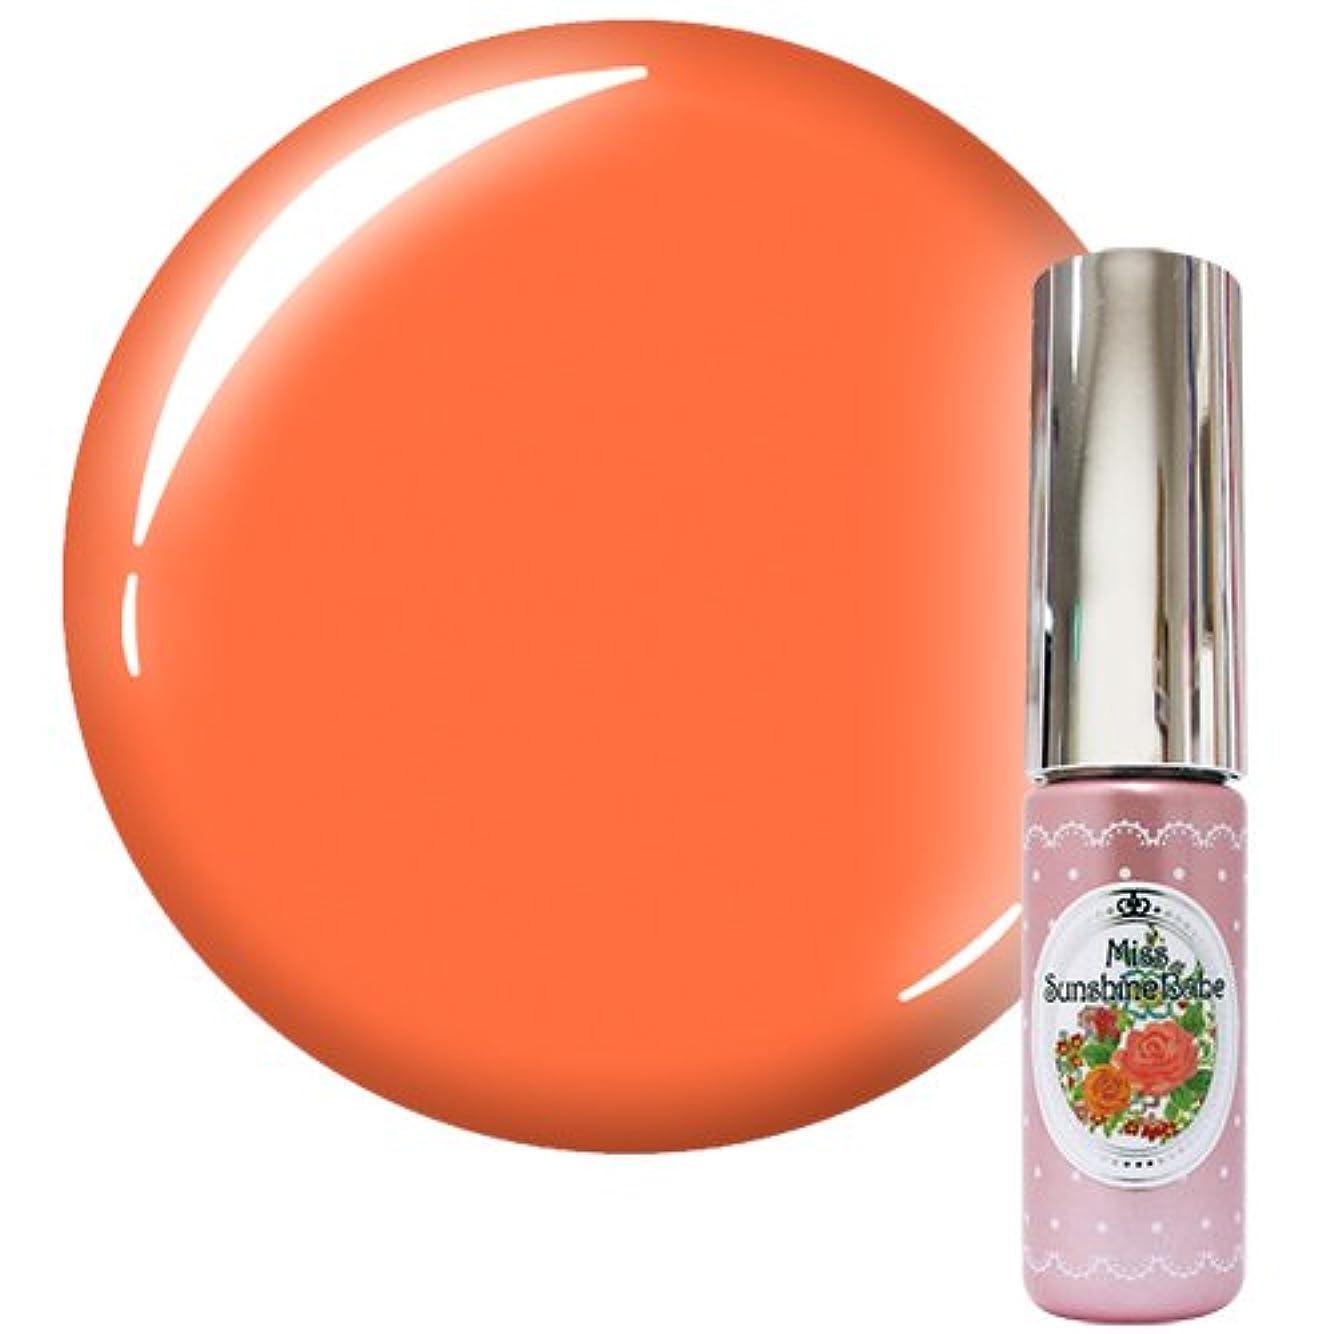 ずらす地区辞書Miss SunshineBabe ミス サンシャインベビー カラージェル MC-33 5g サマーパステルオレンジ